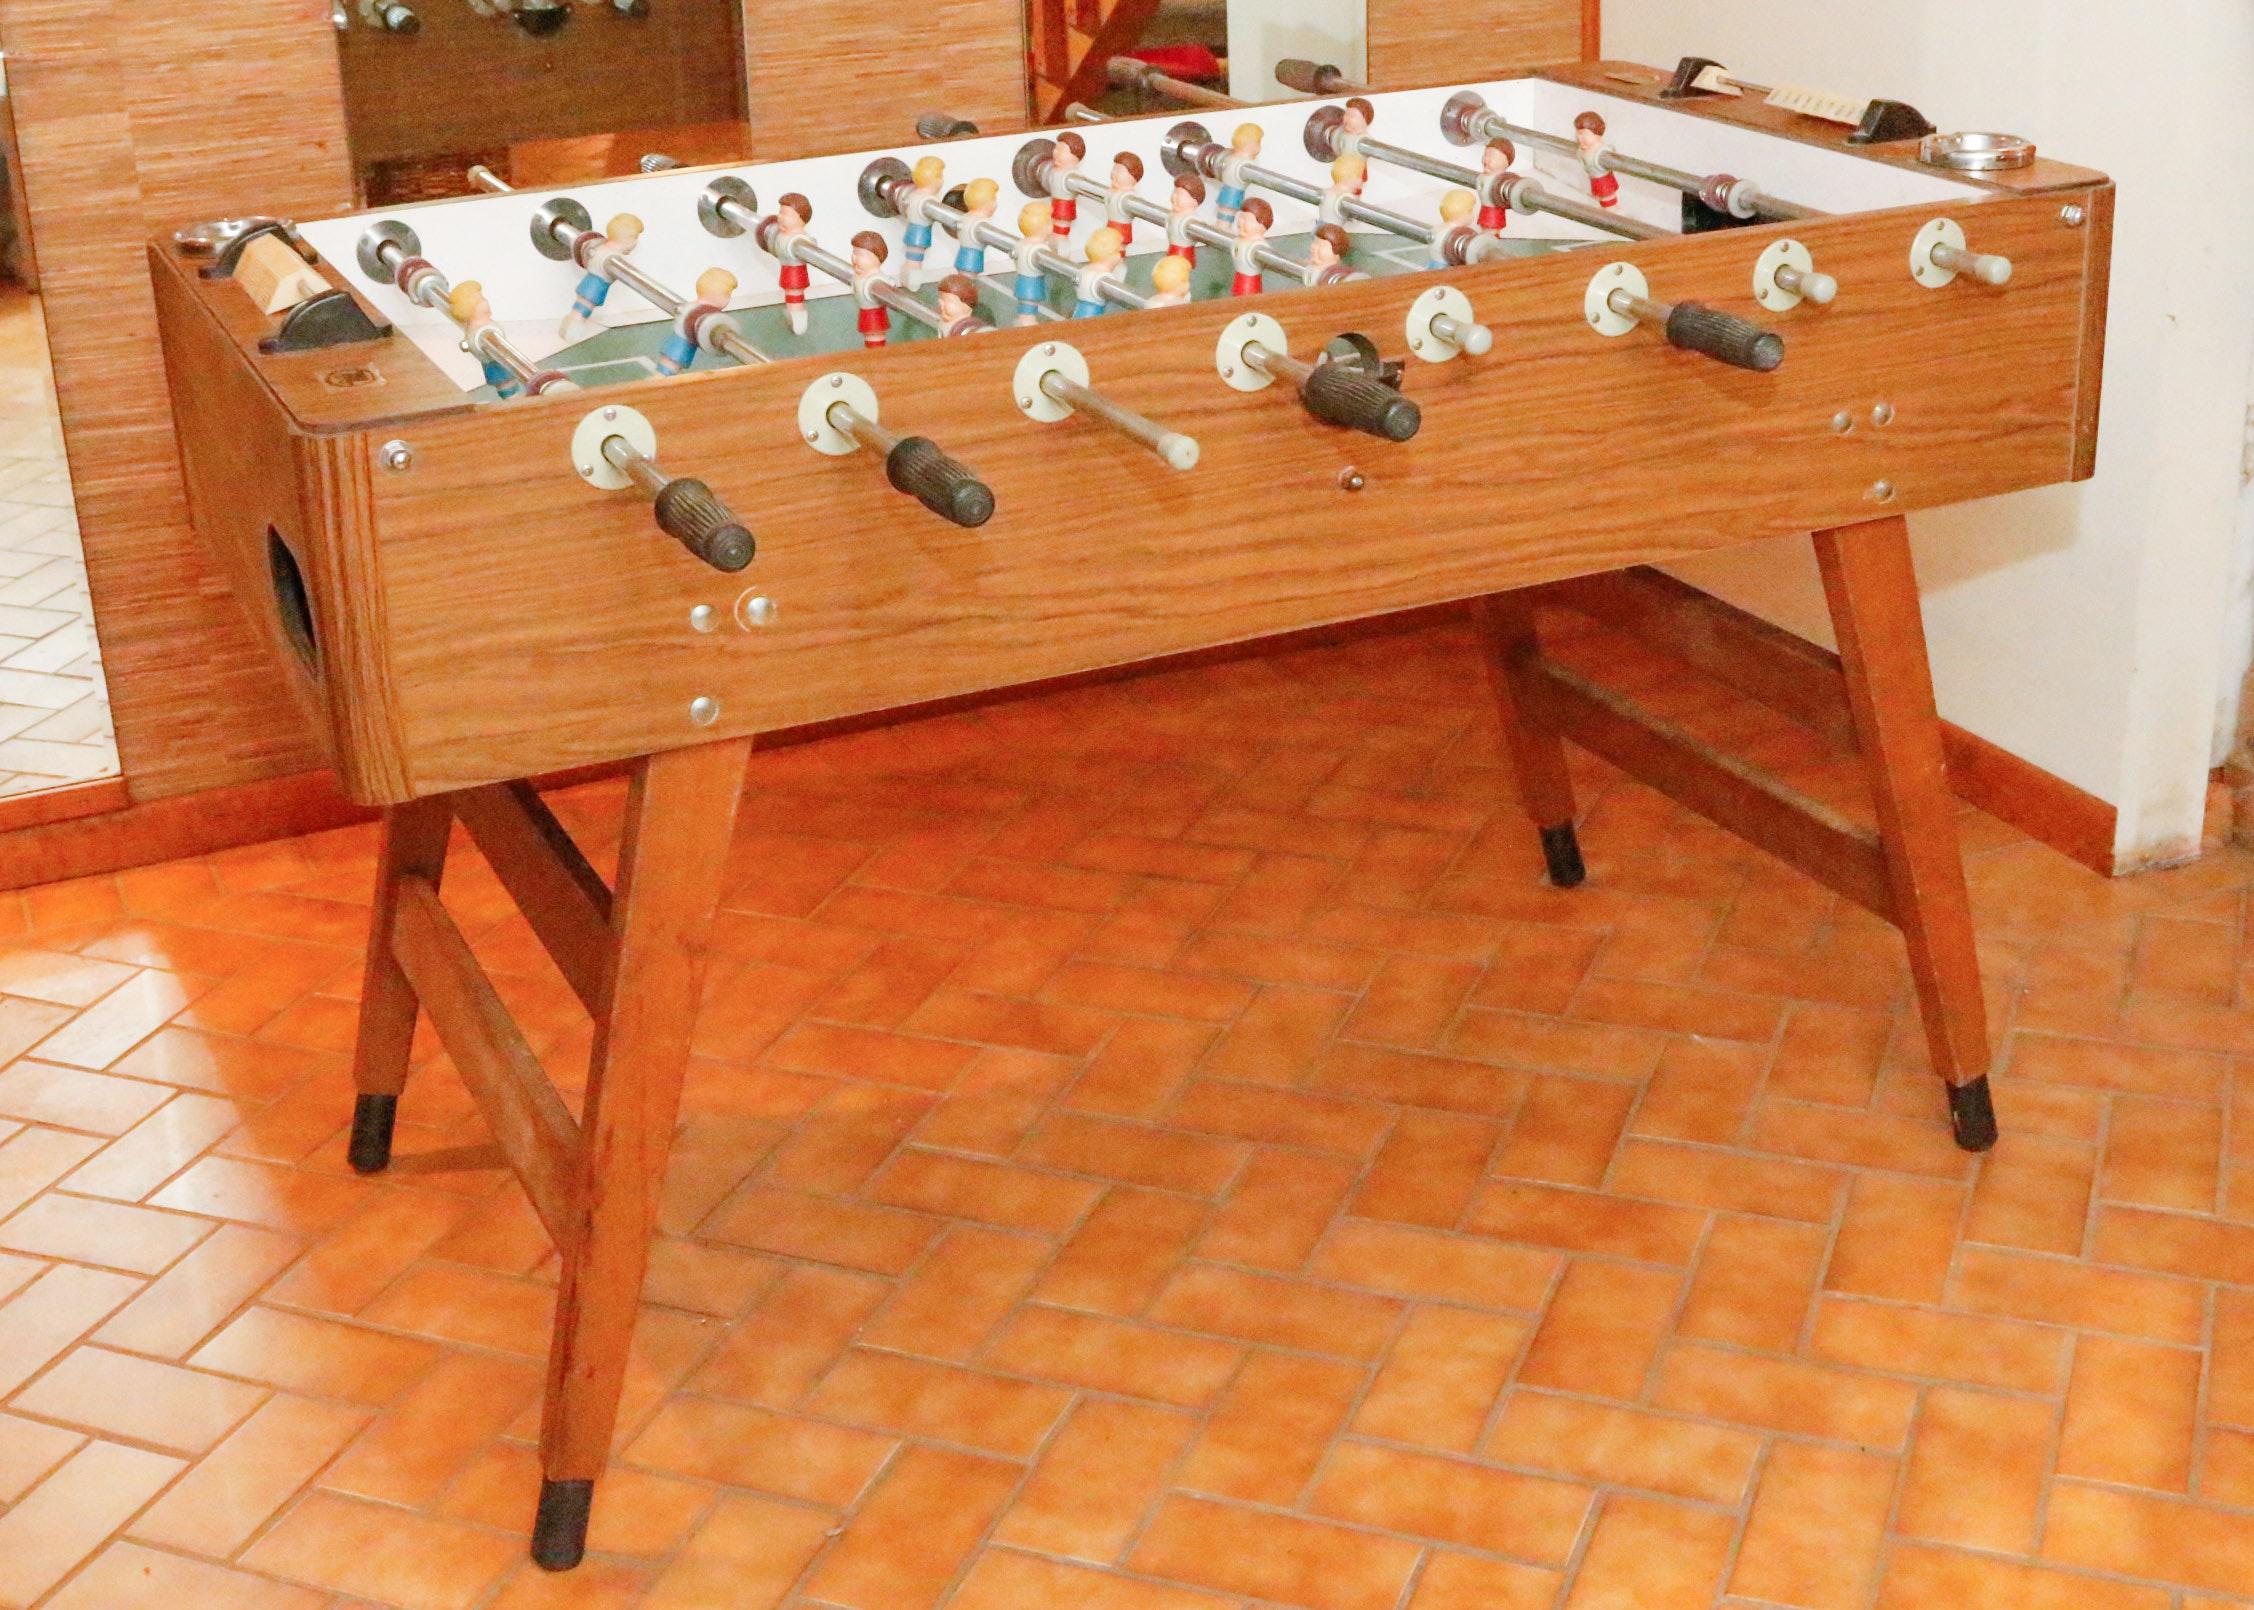 Sportscraft roulette table